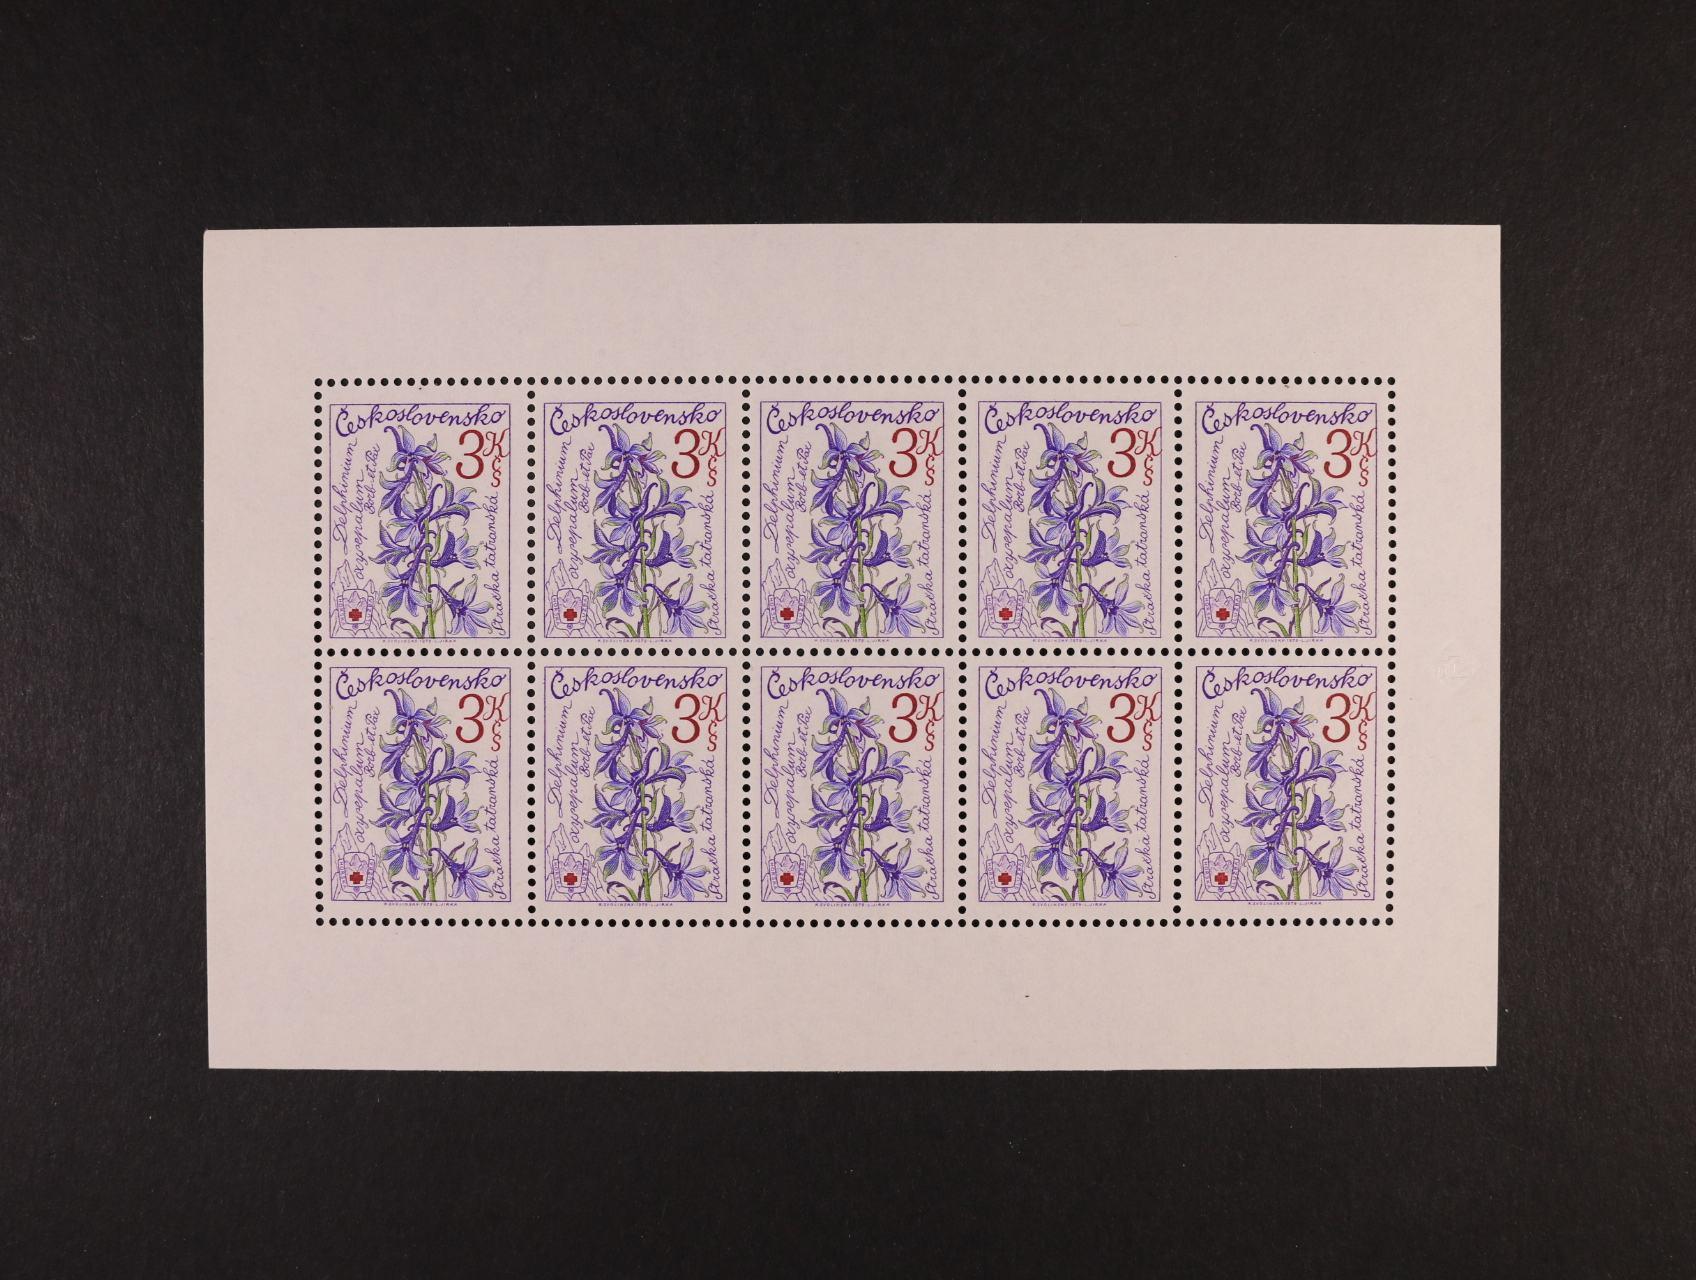 PL A č. 2369, RZ 11 3/4, kat. cena 4500 Kč